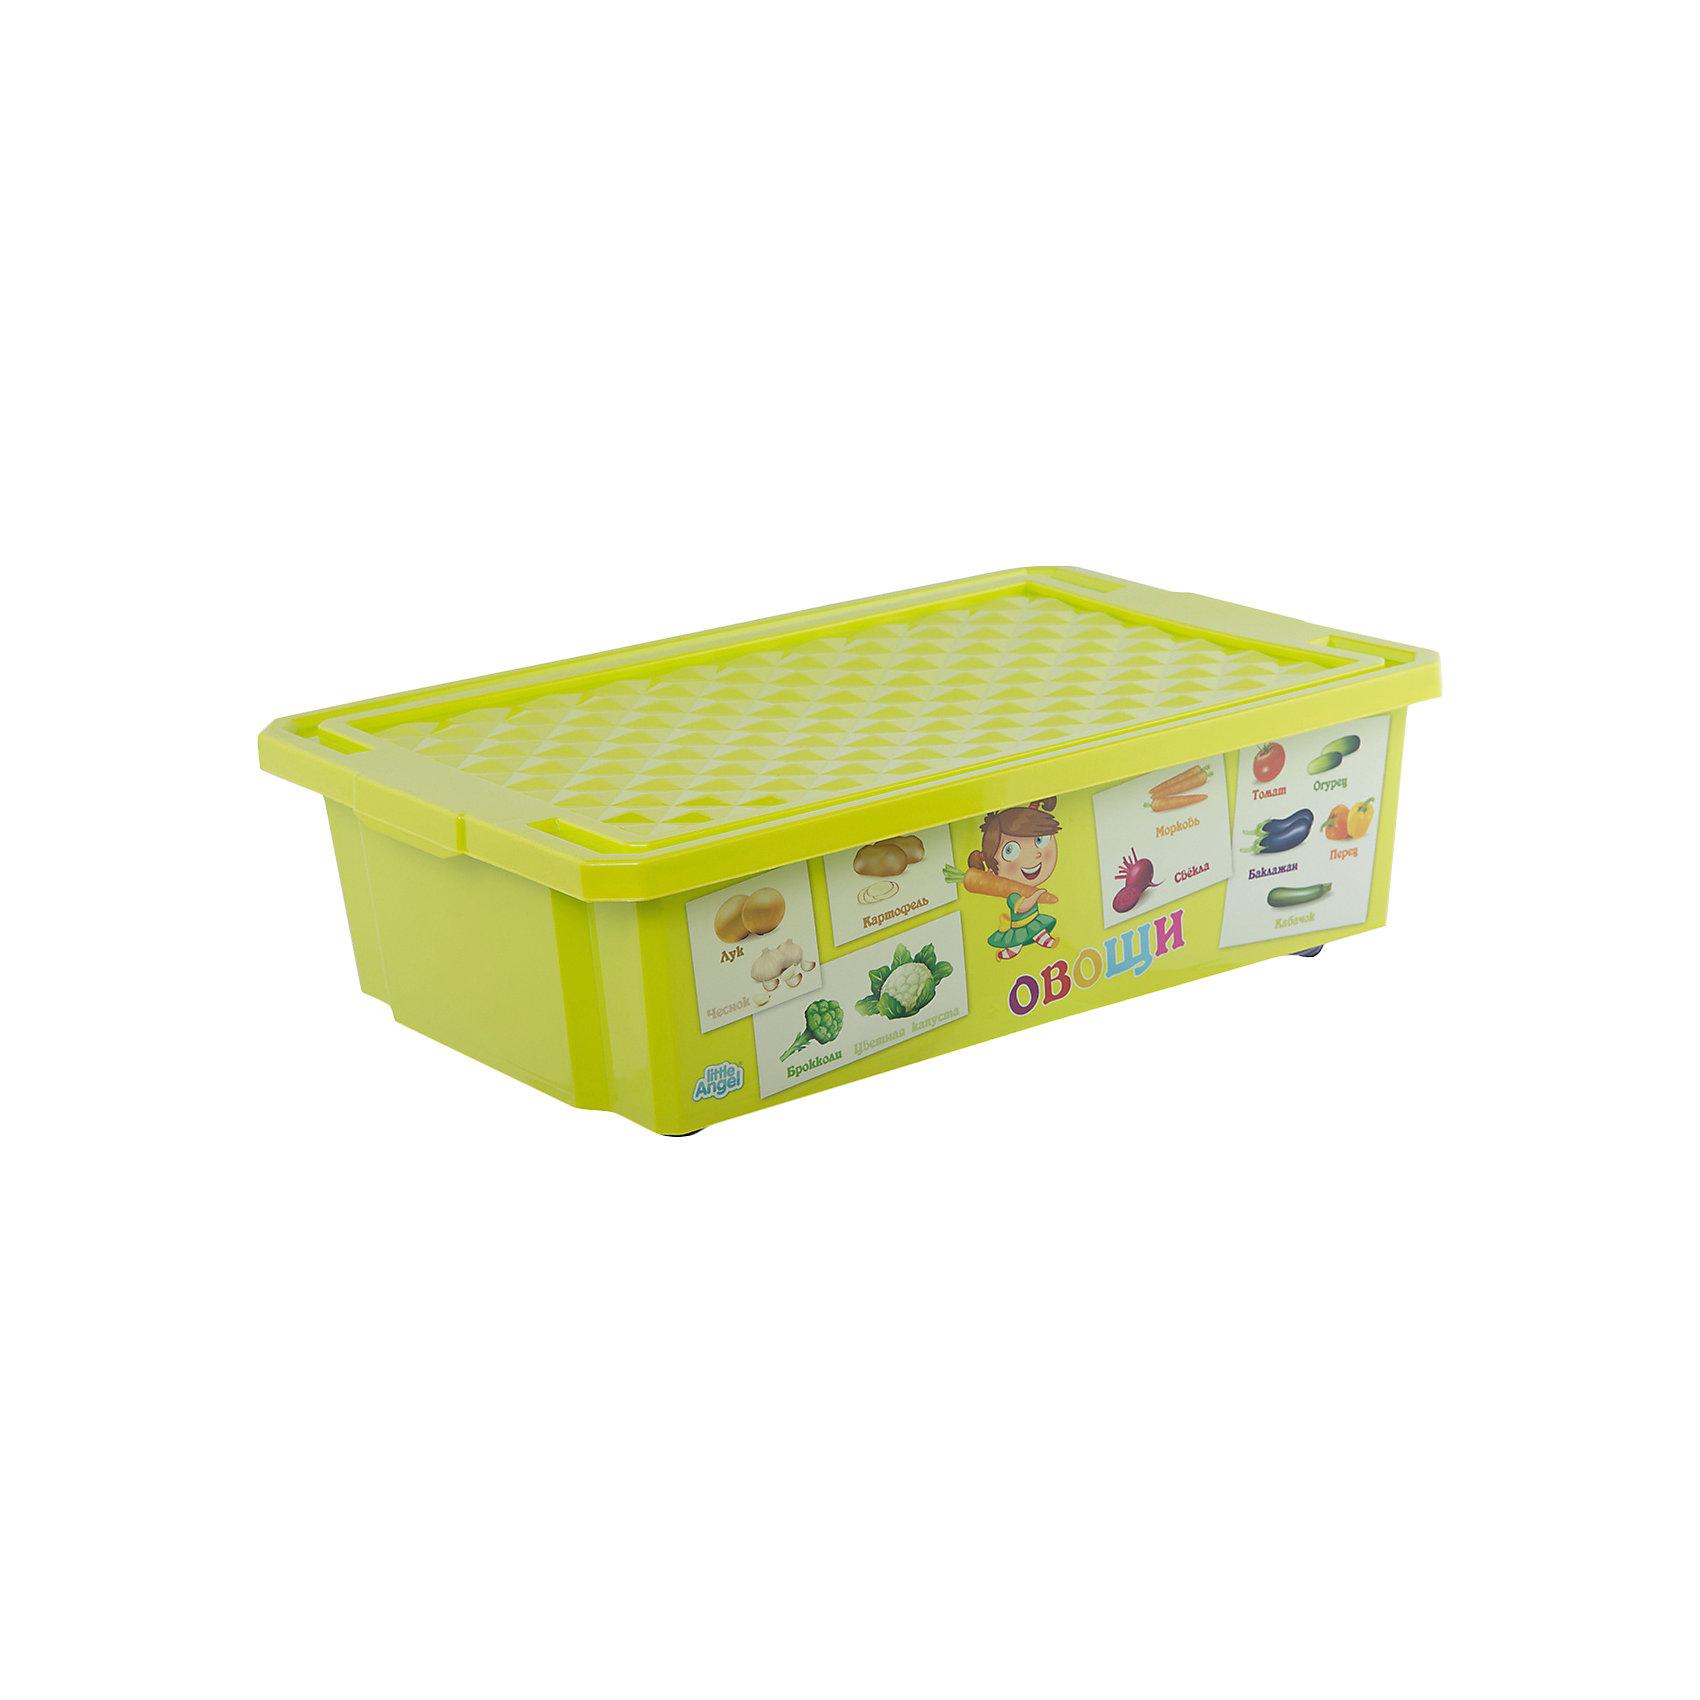 Ящик для хранения игрушек X-BOX Обучайка Овощи-фрукты 30л, Little Angel, салатовыйПорядок в детской<br>Характеристики ящика для хранения игрушек  X-BOX Обучайка Овощи-фрукты 30л, Little Angel, салатовый:<br><br>- возраст: от 3 лет<br>- пол: для мальчиков и девочек<br>- цвет: салатовый.<br>- материал: полипропилен.<br>- размер упаковки:  67 *61 * 61 см.<br>- размер ящика: 61* 40.5 * 19.3 см.<br>- вместимость: 30 л.<br>- вес: 1.29 кг.<br>- бренд: Little Angel<br>- страна обладатель бренда: Россия.<br><br>Ящик для хранения Овощи и фрукты X-BOX  Обучайка Овощи-фрукты торговой марки Little Angel поможет Вам решить вопрос компактного хранения детских игрушек Вашего ребенка.  Ящик выполнен в насыщенном салатовом цвете и оформлен обучающими картинками, которые помогут ребенку выучить и запомнить названия овощей и фруктов. Прочный пластиковый бокс Обучайка оснащен закрывающейся крышкой, которая предотвратит загрязнение и поможет содержать игрушки в чистоте.<br><br>Детский ящик для хранения игрушек X-Box Обучайка Овощи-фрукты торговой  марки Little Angel можно купить в нашем интернет-магазине.<br><br>Ширина мм: 610<br>Глубина мм: 405<br>Высота мм: 193<br>Вес г: 1453<br>Возраст от месяцев: 24<br>Возраст до месяцев: 72<br>Пол: Унисекс<br>Возраст: Детский<br>SKU: 5136378